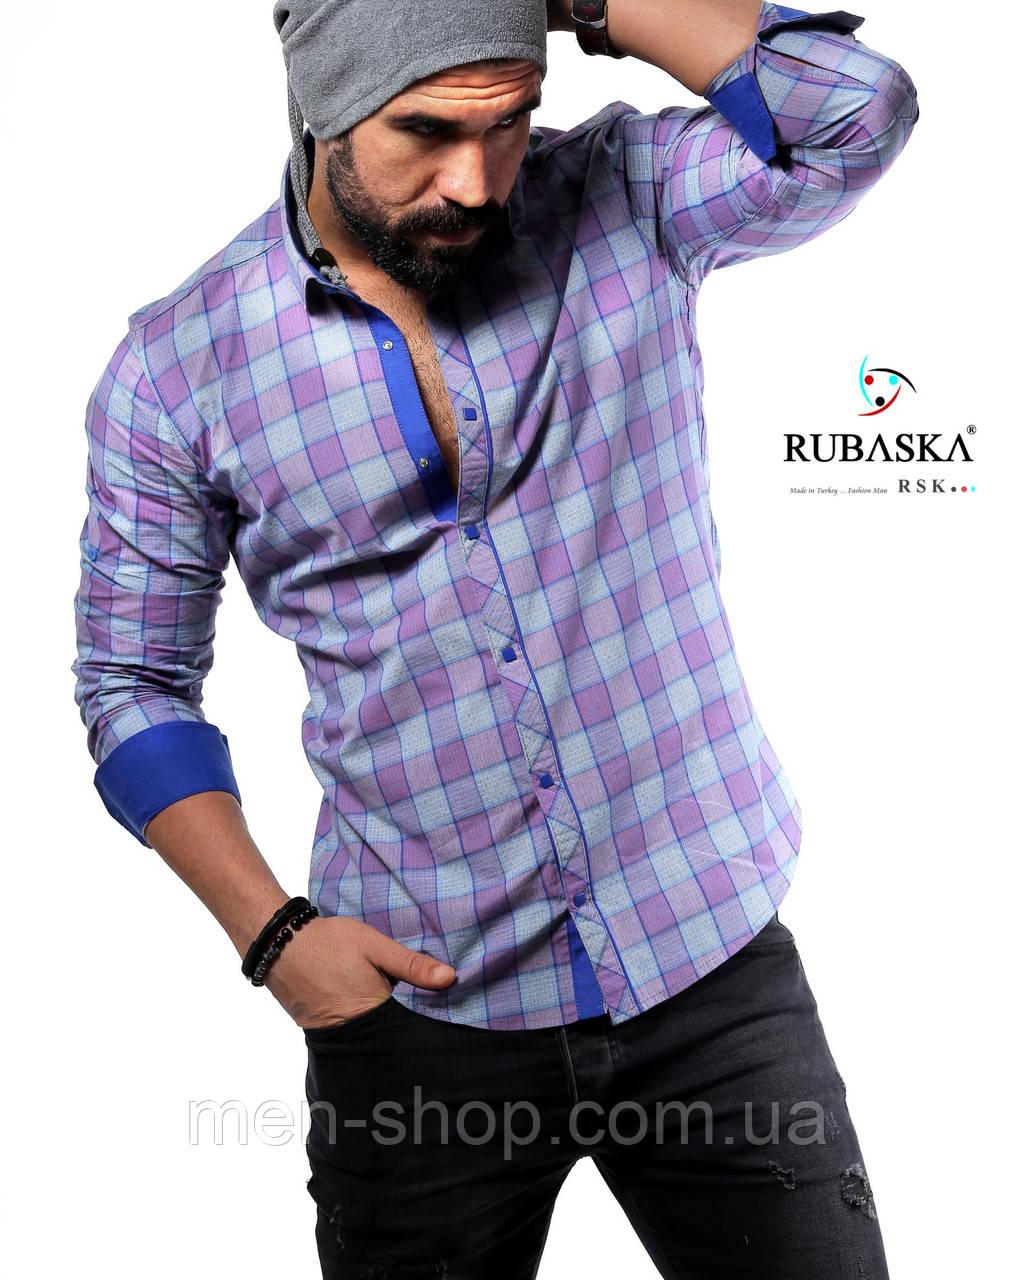 Мужская рубашка фиолетового цвета в клетку